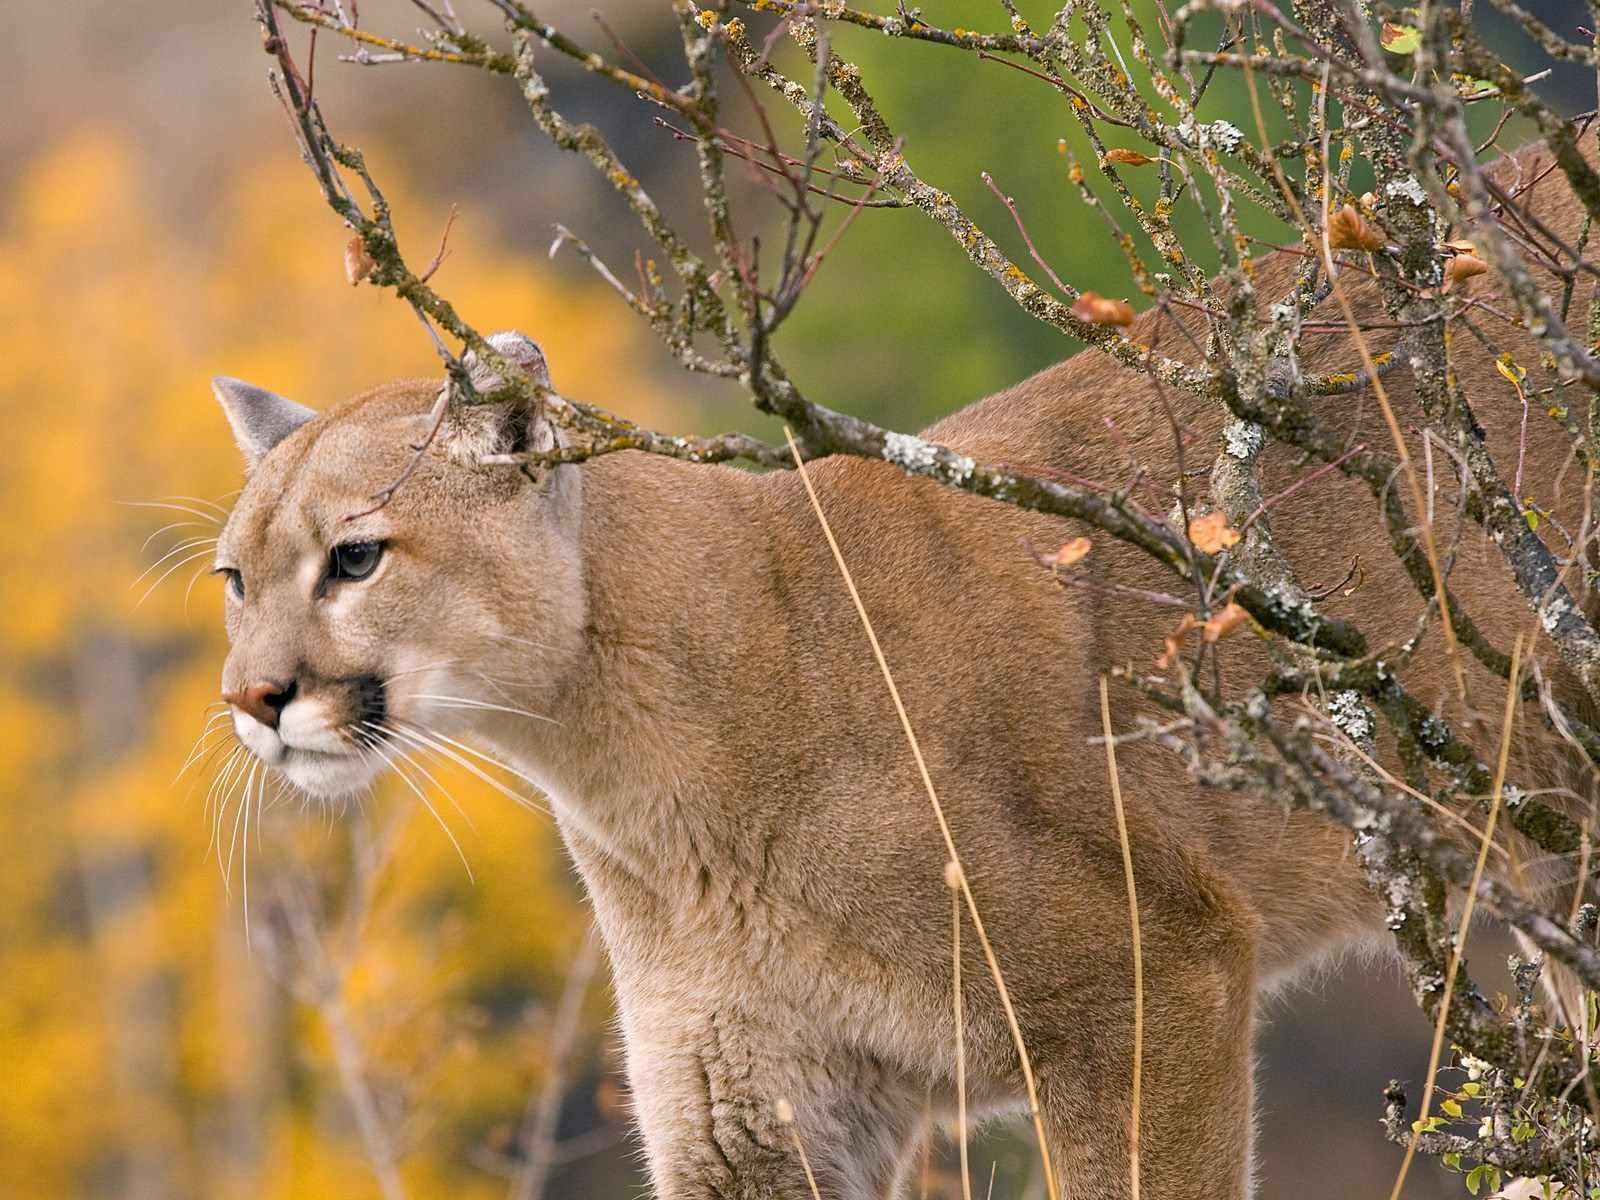 Cat Wallpaper Iphone X Wallpapers Y Fondos De Tigres Panteras Grandes Felinos